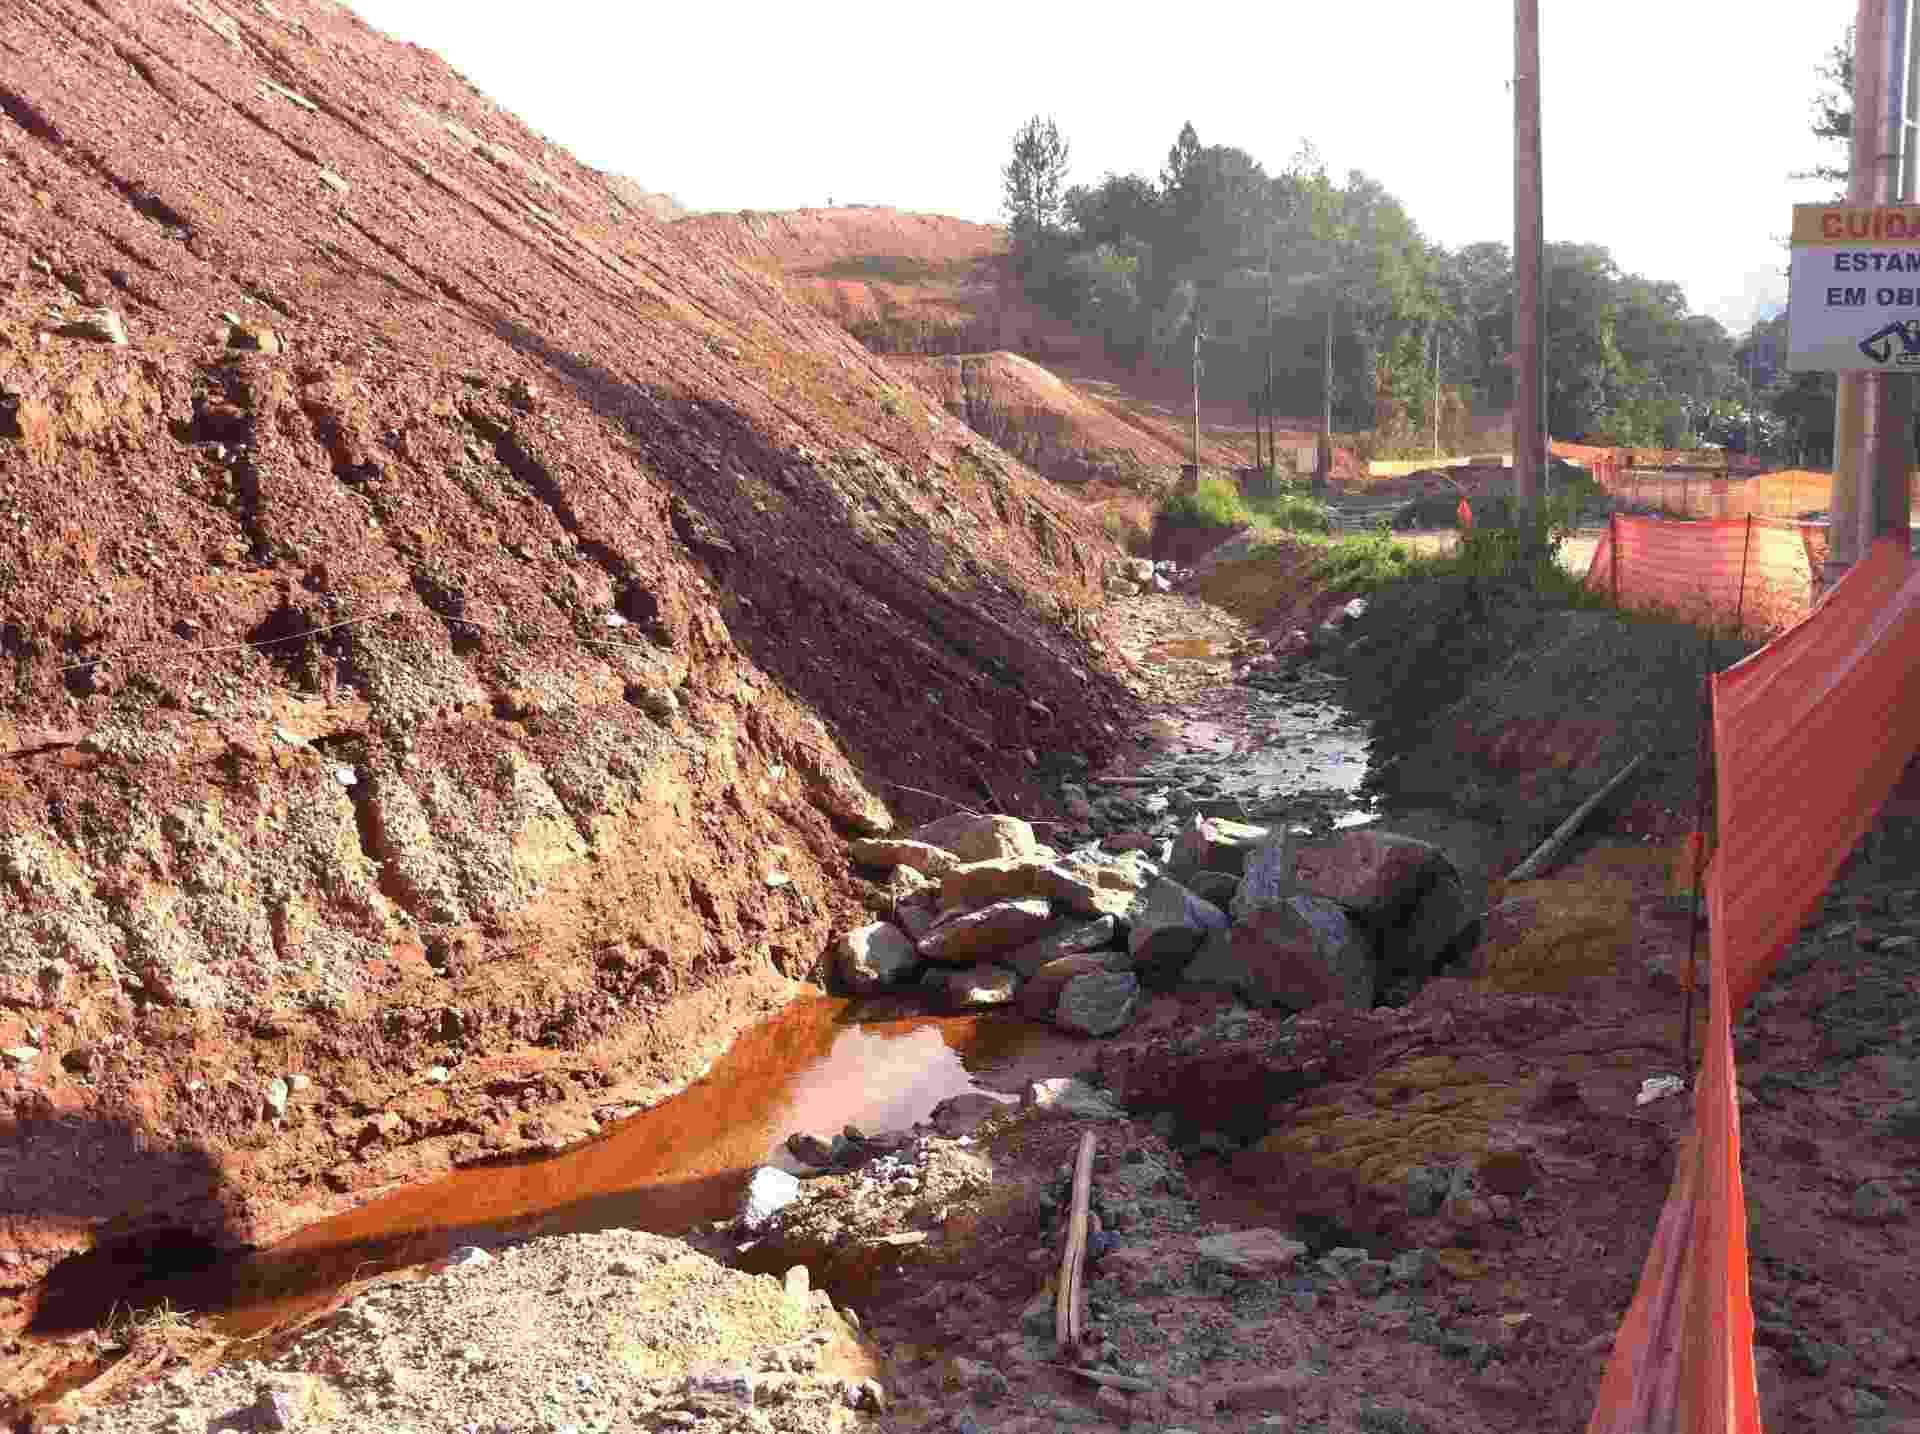 """""""Antes esse rio passava ali em cima. Era tudo mato, a gente tomava banho nele. Agora é só terra e não dá para molhar nem a canela"""", diz vizinha à obra do Rodoanel - Ricardo Senra/BBC Brasil"""